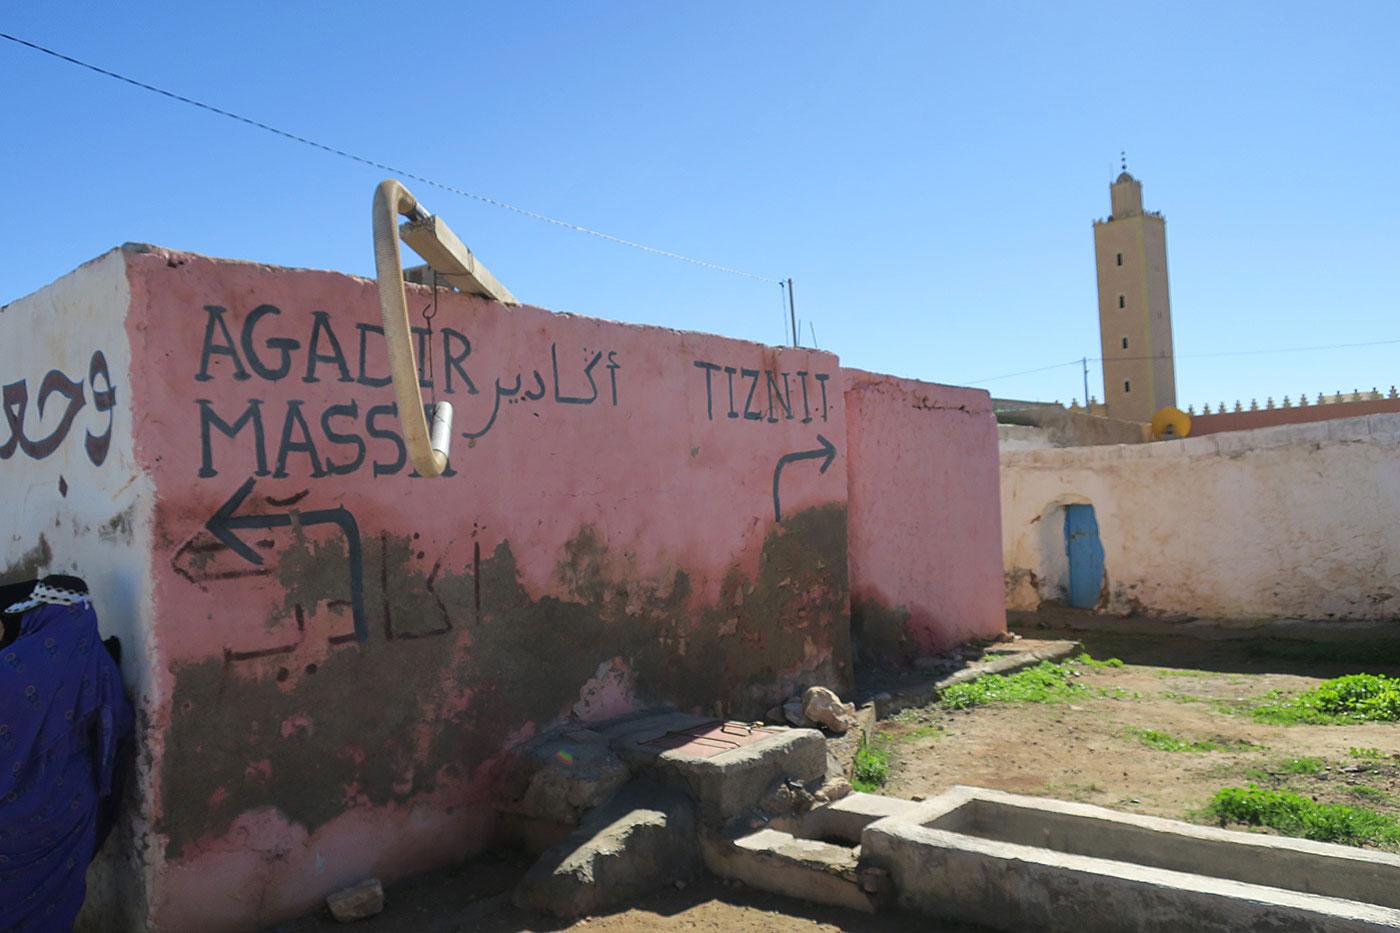 08_verkehrsschilder_marokko_2018-11-28_5175